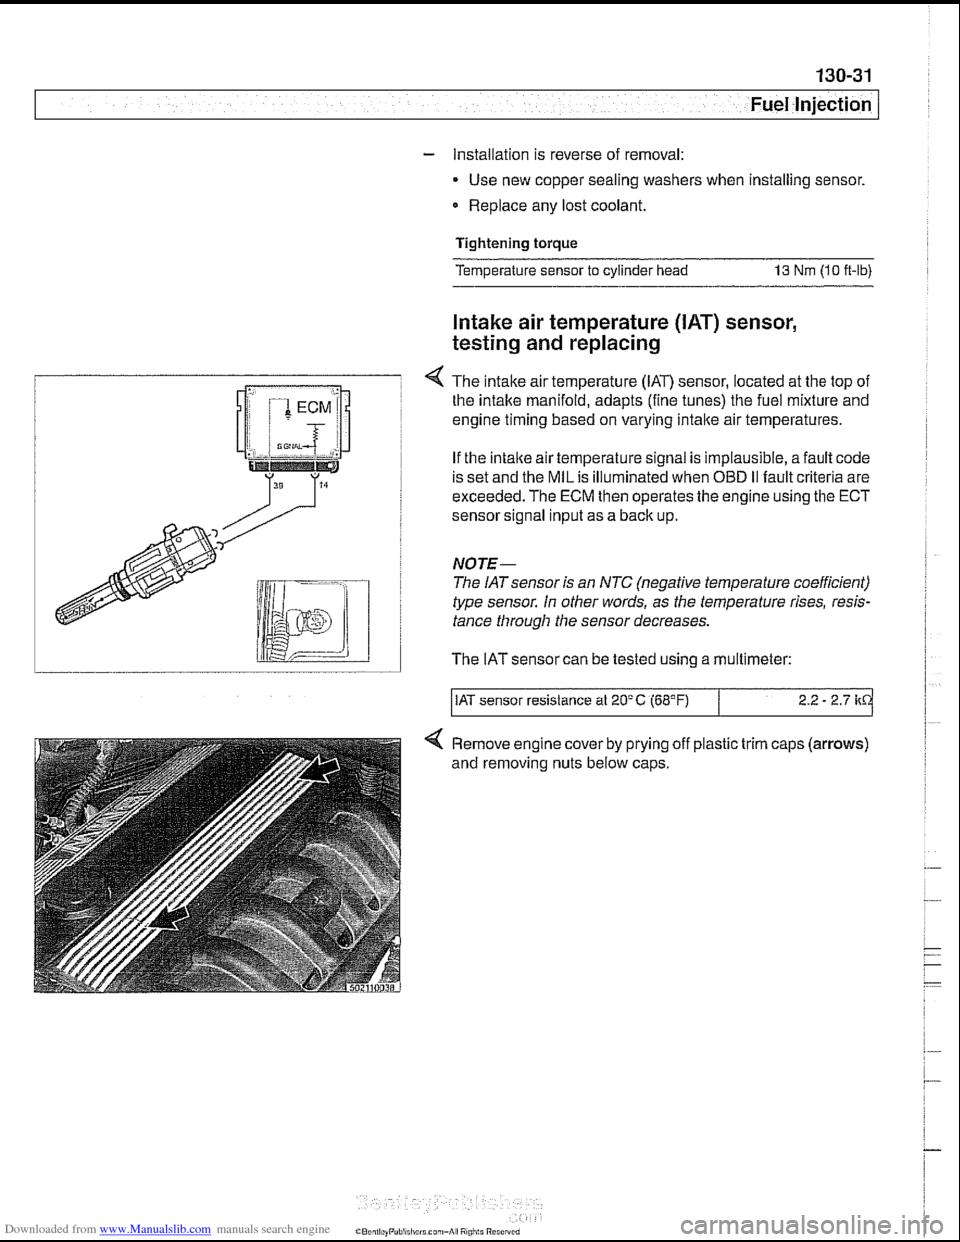 bmw 540i 1999 e39 workshop manual. Black Bedroom Furniture Sets. Home Design Ideas